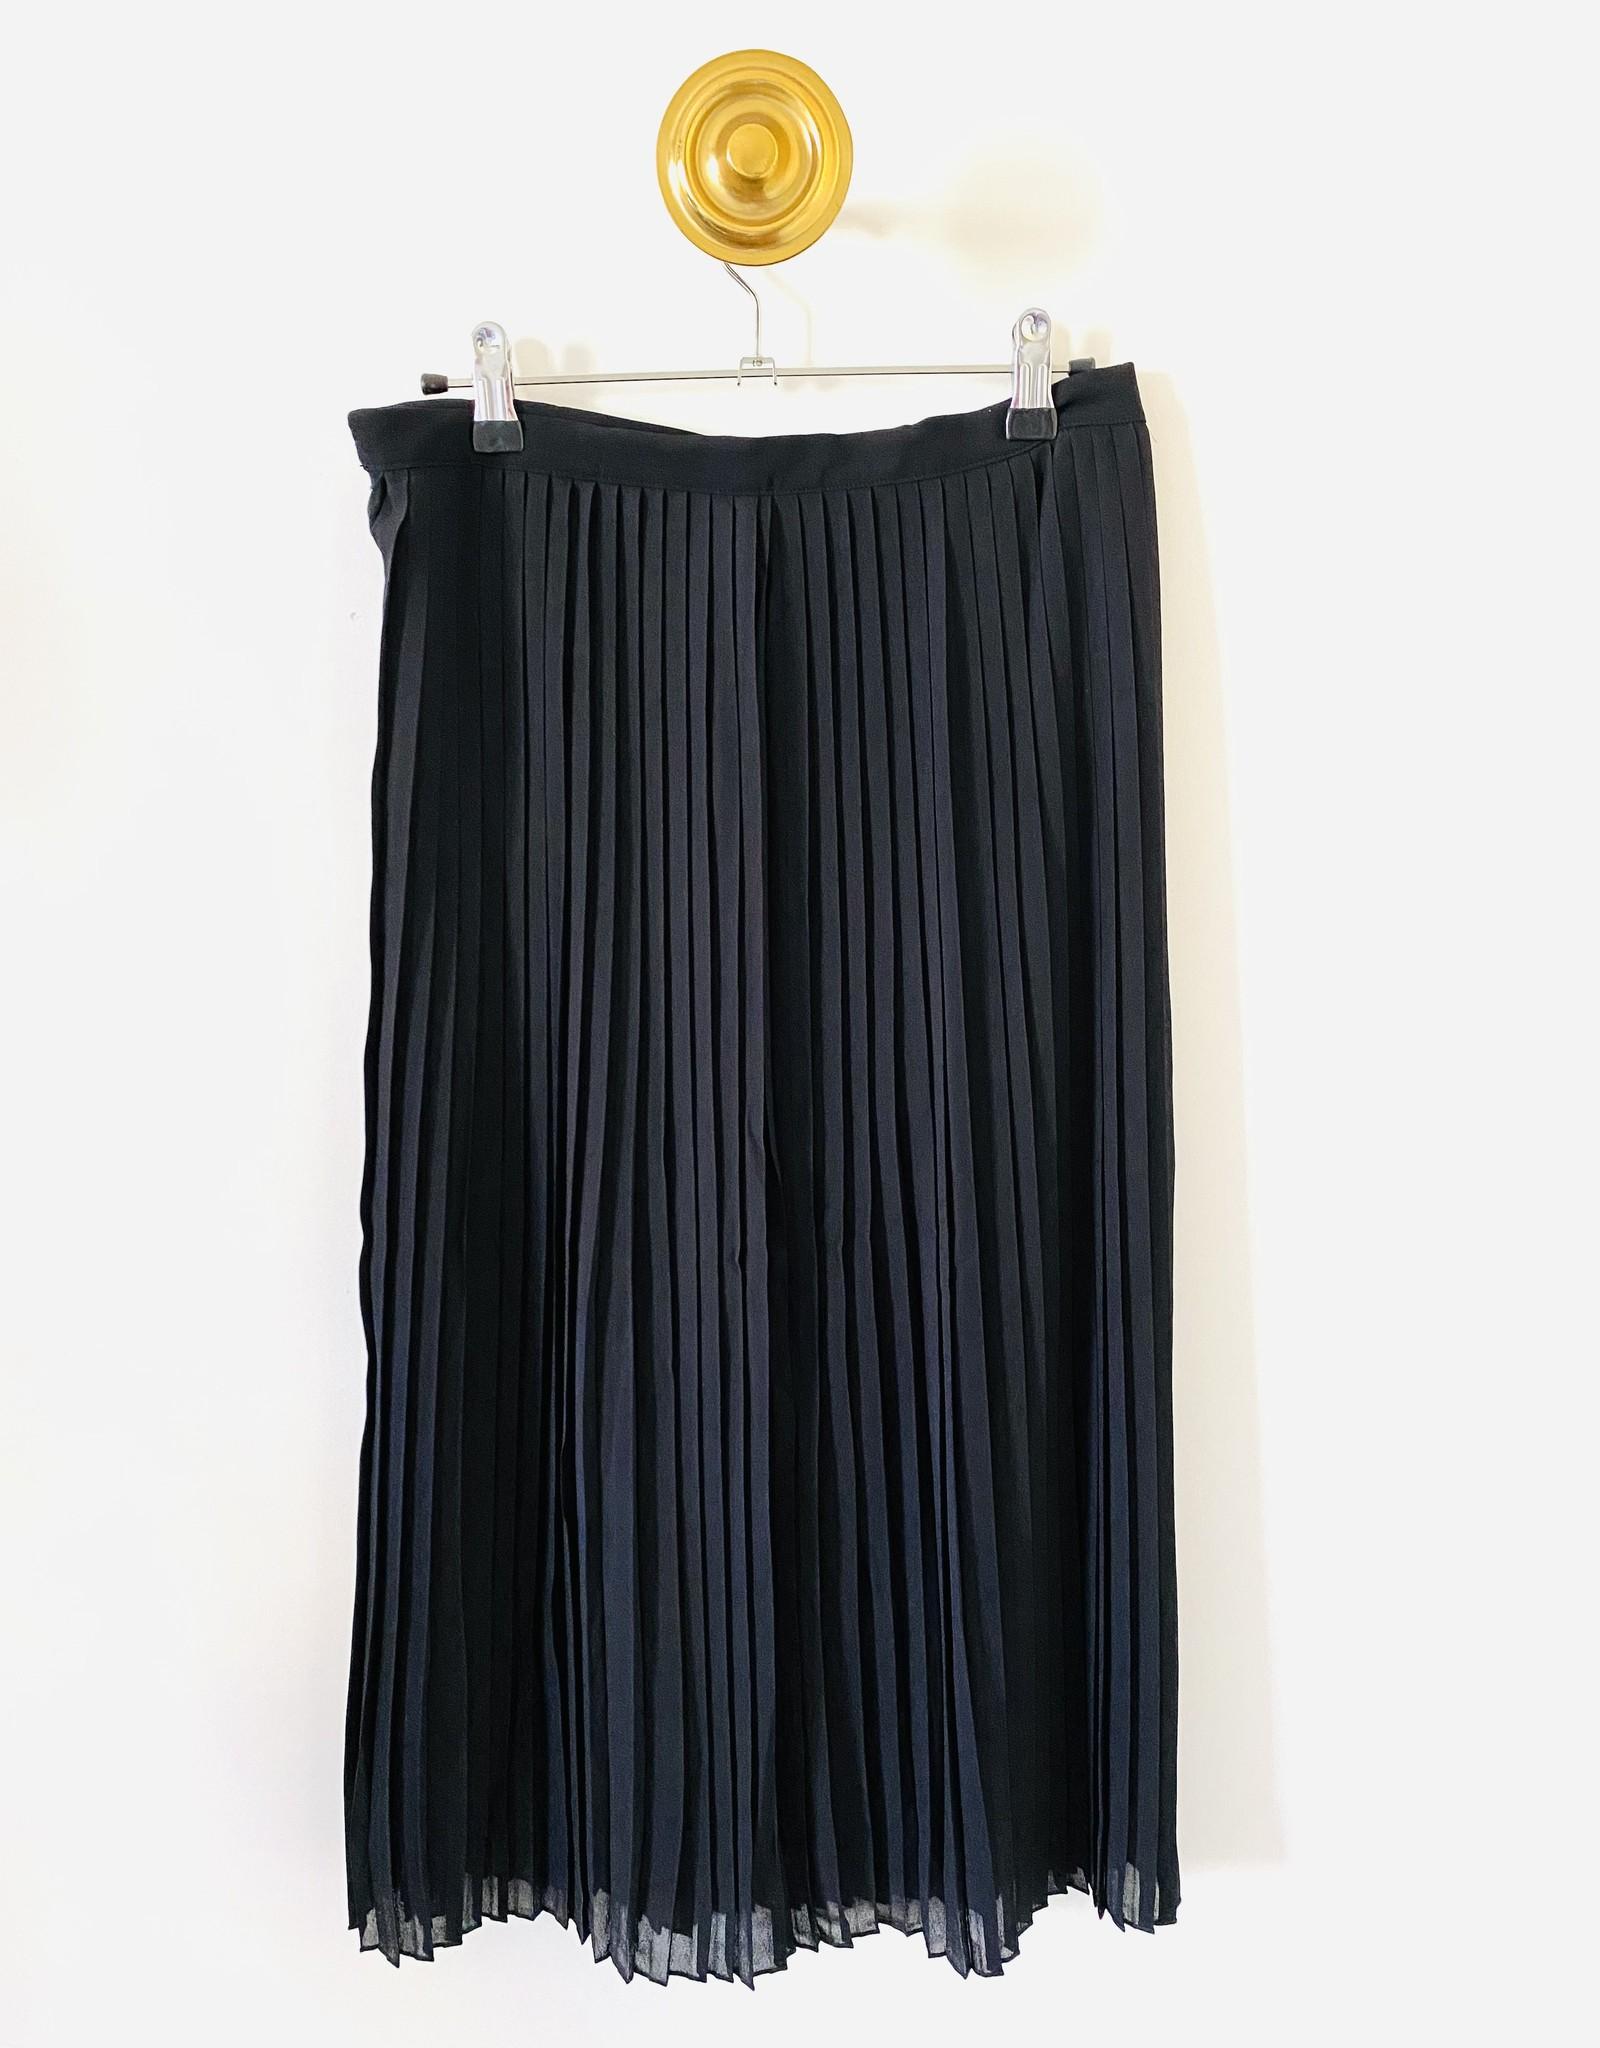 Rosemunde Rok gerecycled polyester - Zwart